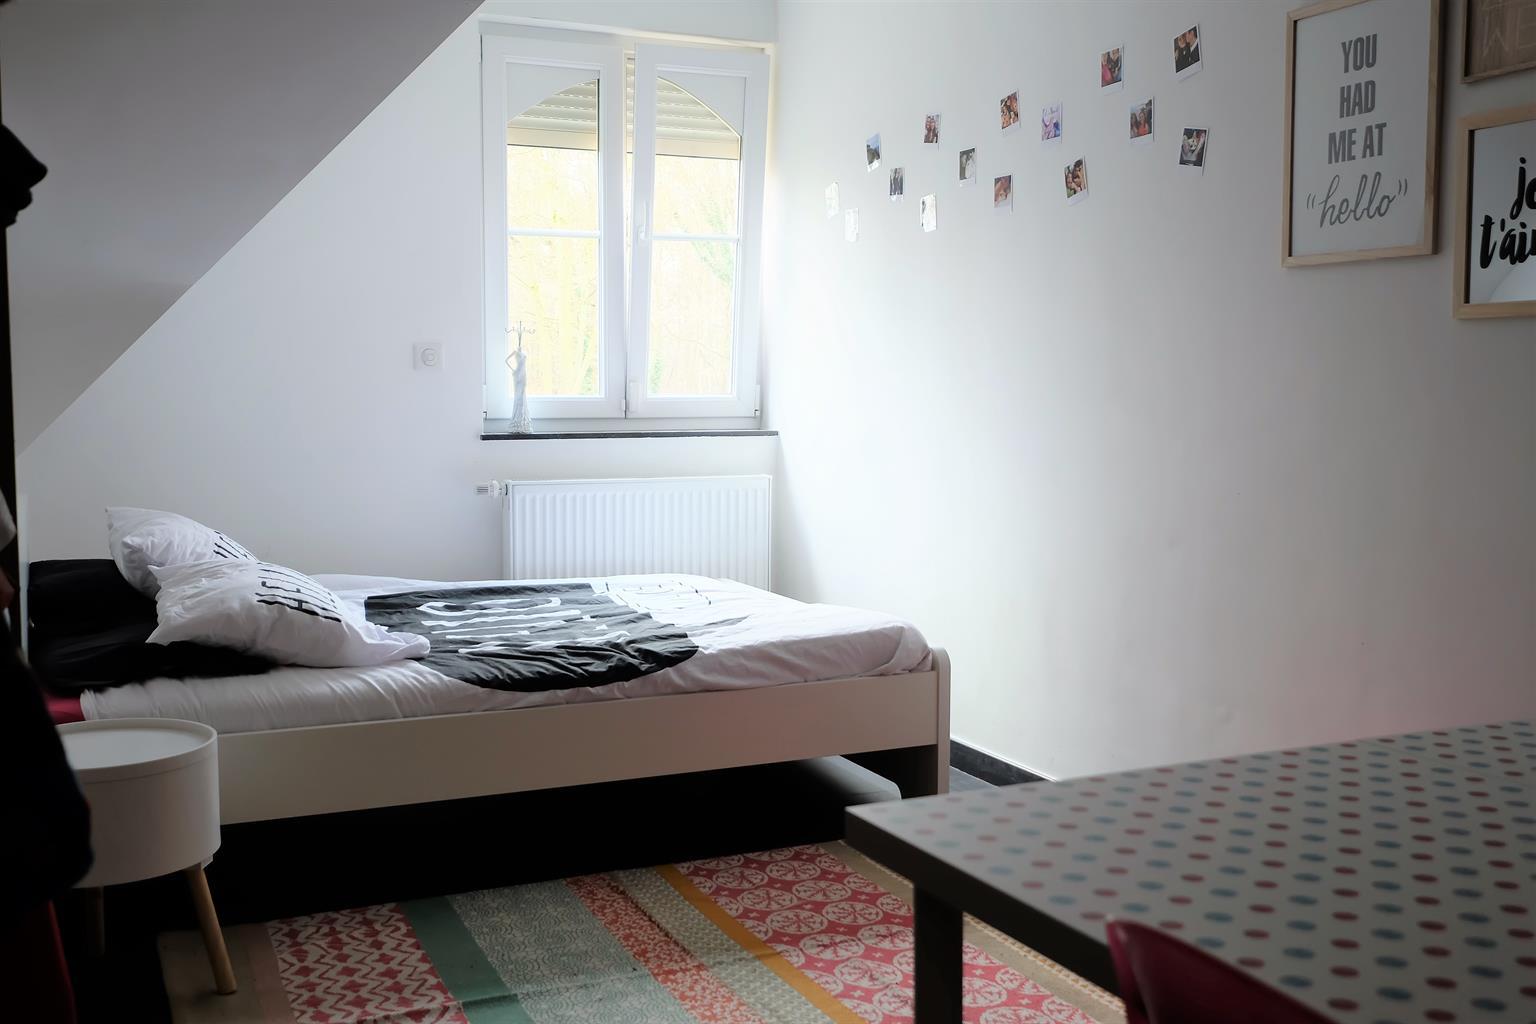 Appartement exceptionnel - Braine-le-Comte Hennuyères - #4166783-10